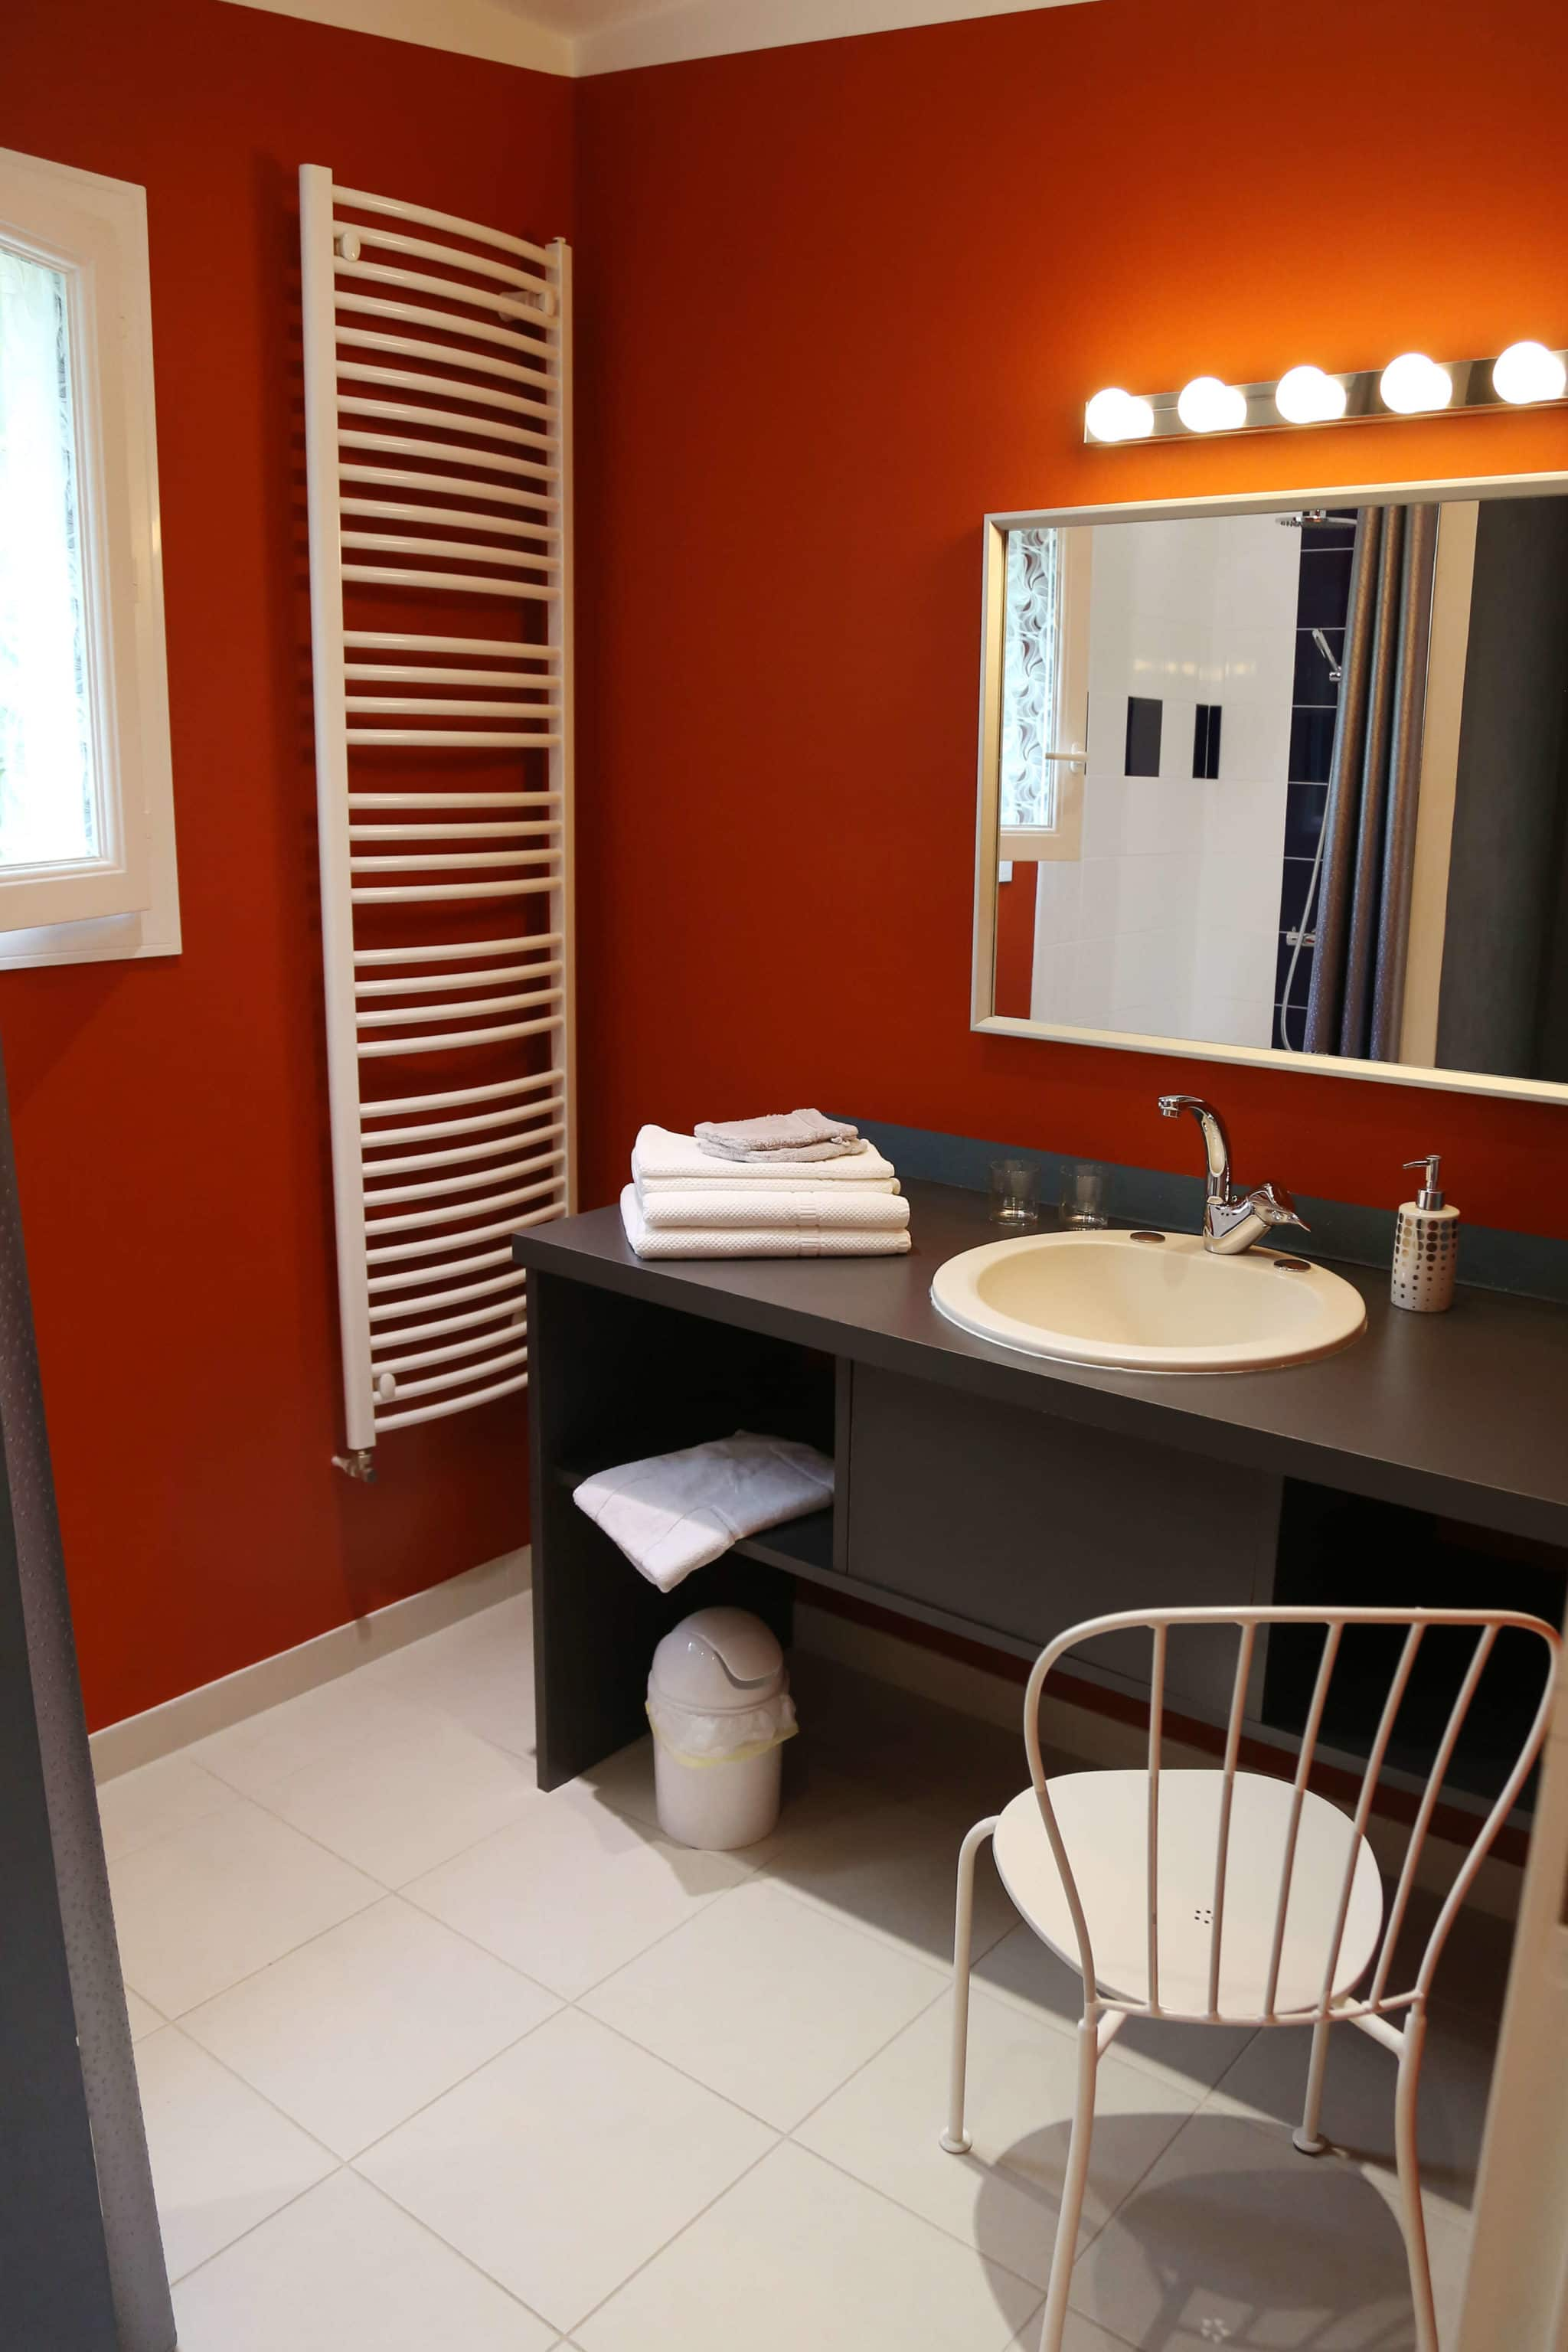 l'embellie - salle de bains contemporaine chambre d'hotes en vendée à St Fulgent